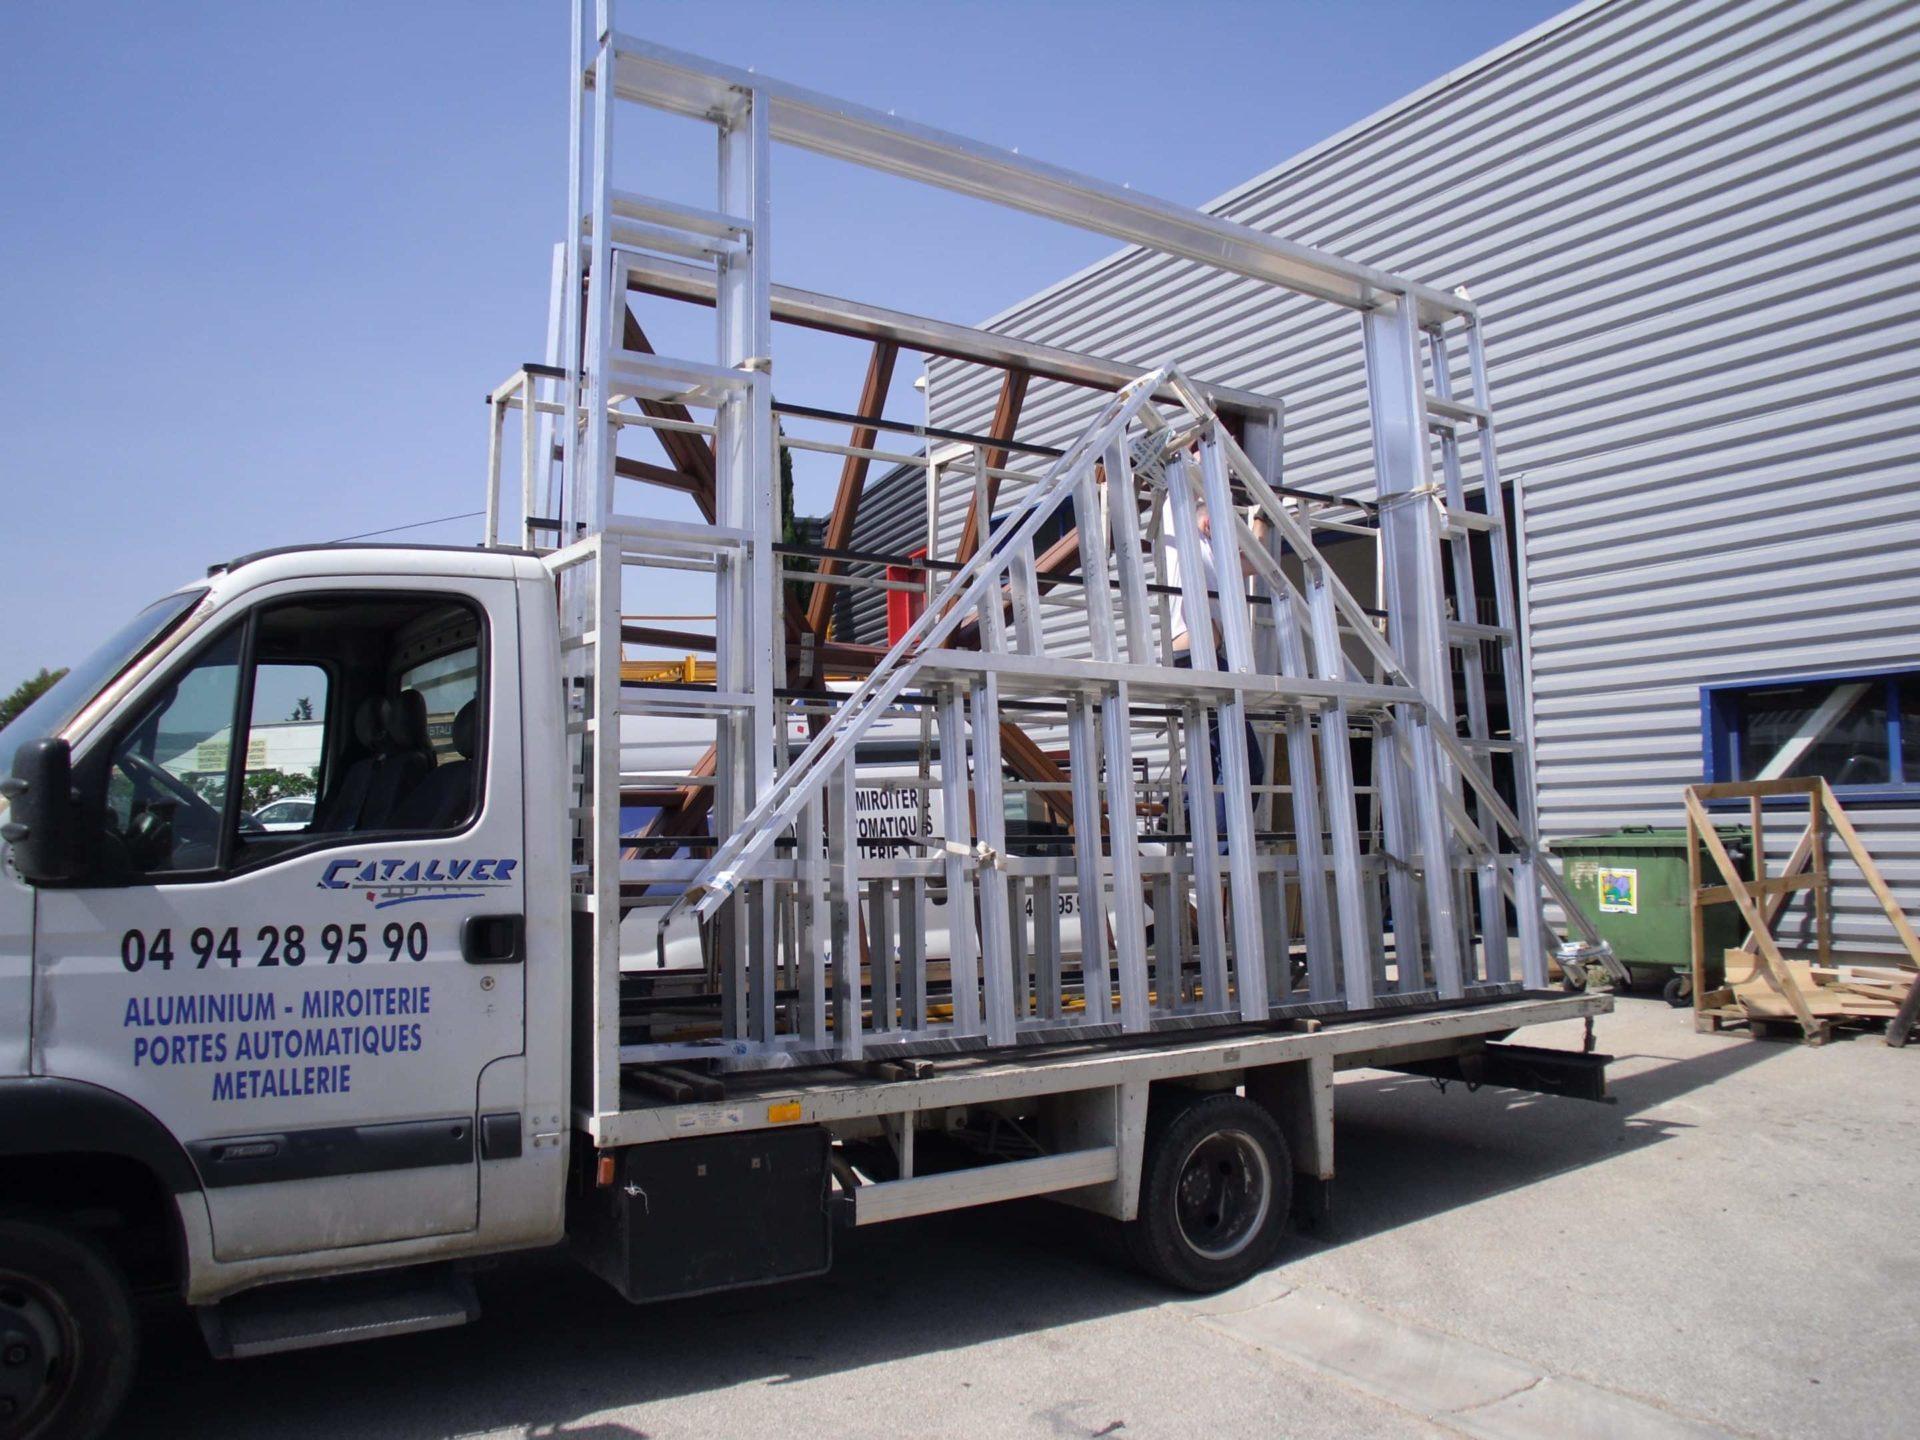 Livraison de chassis de veranda sur mesure en aluminium ou acier par catalver VAR